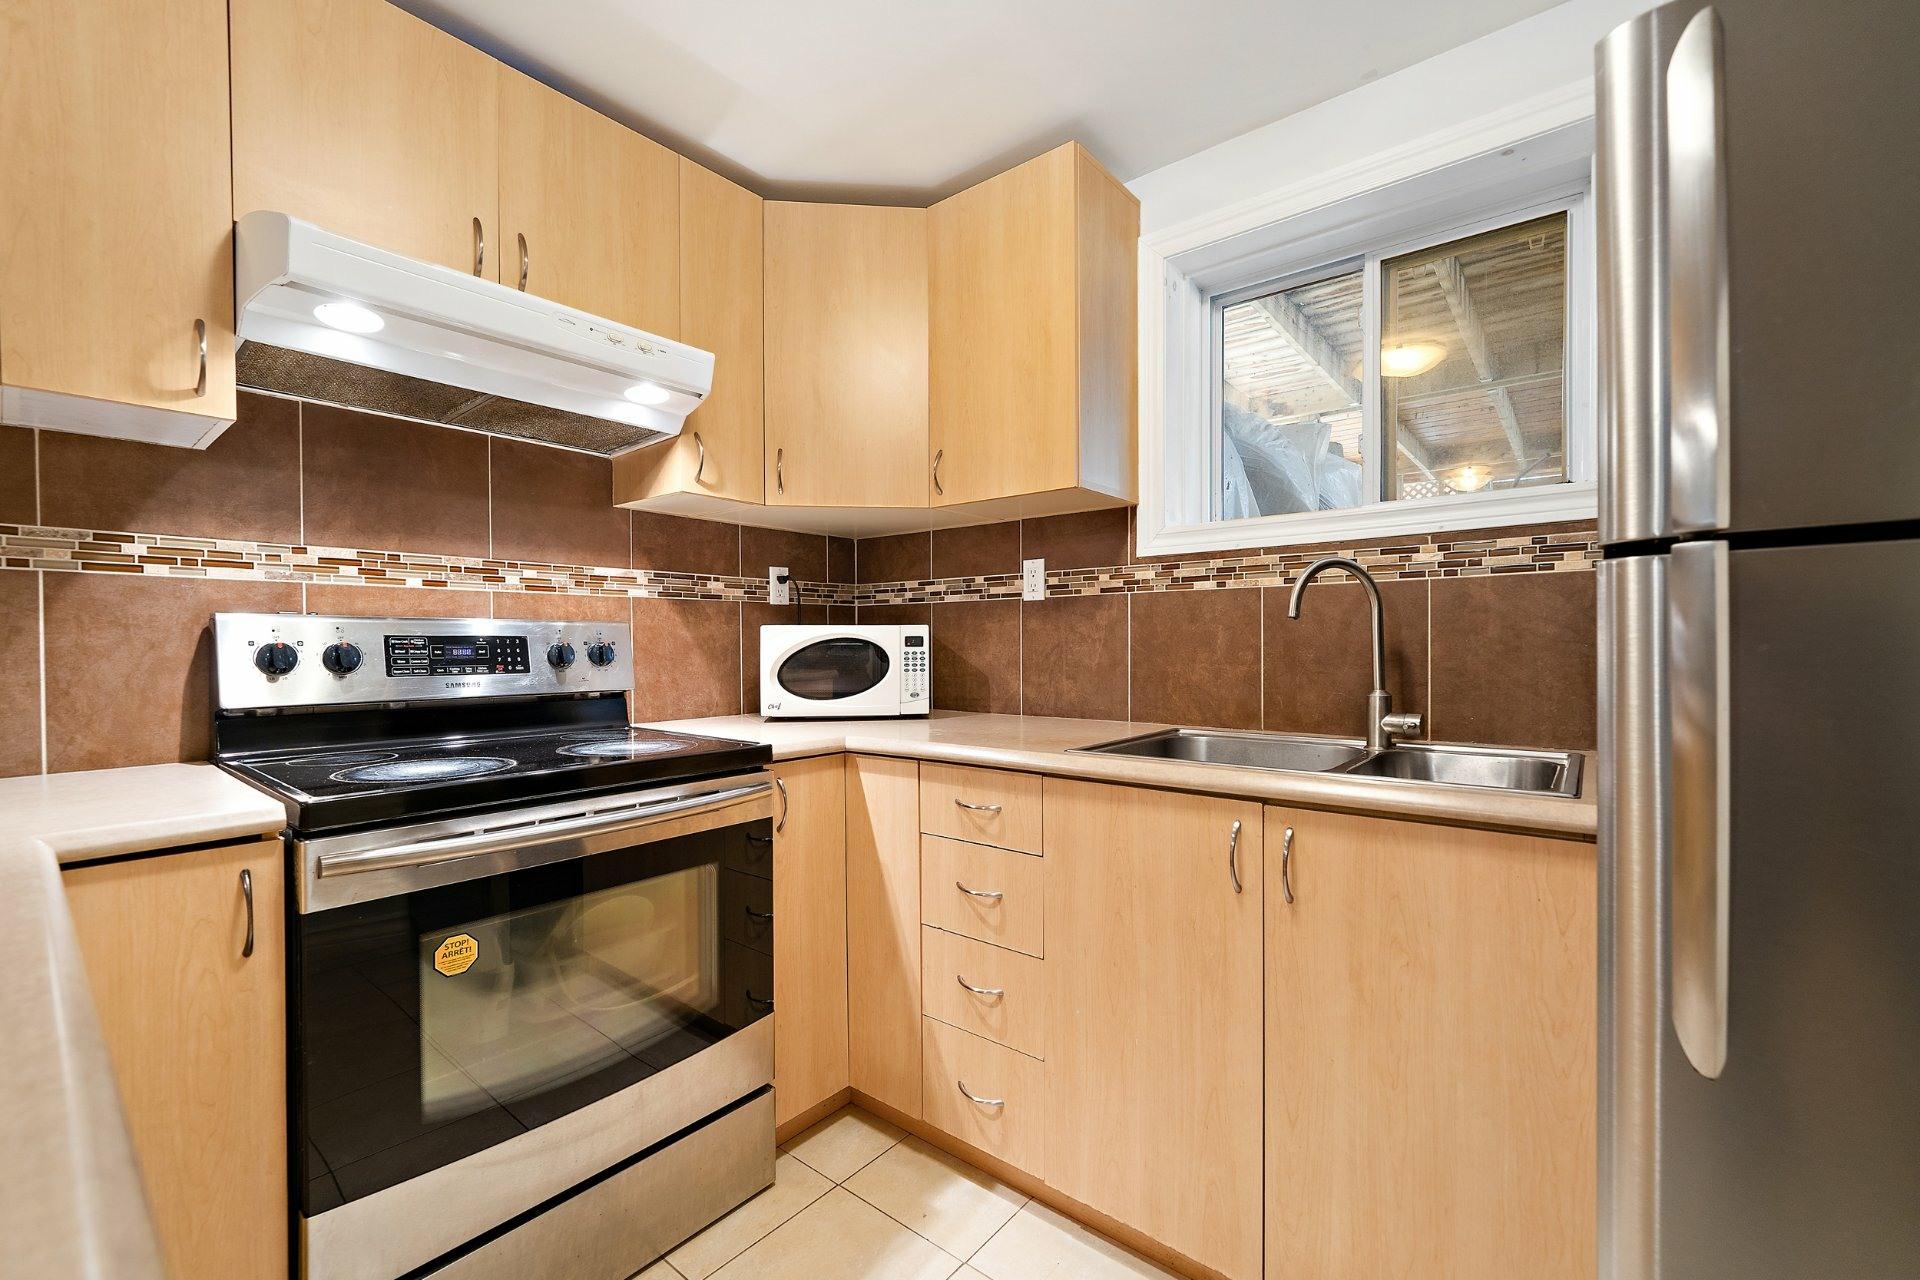 image 39 - Duplex For sale Montréal-Ouest - 5 rooms